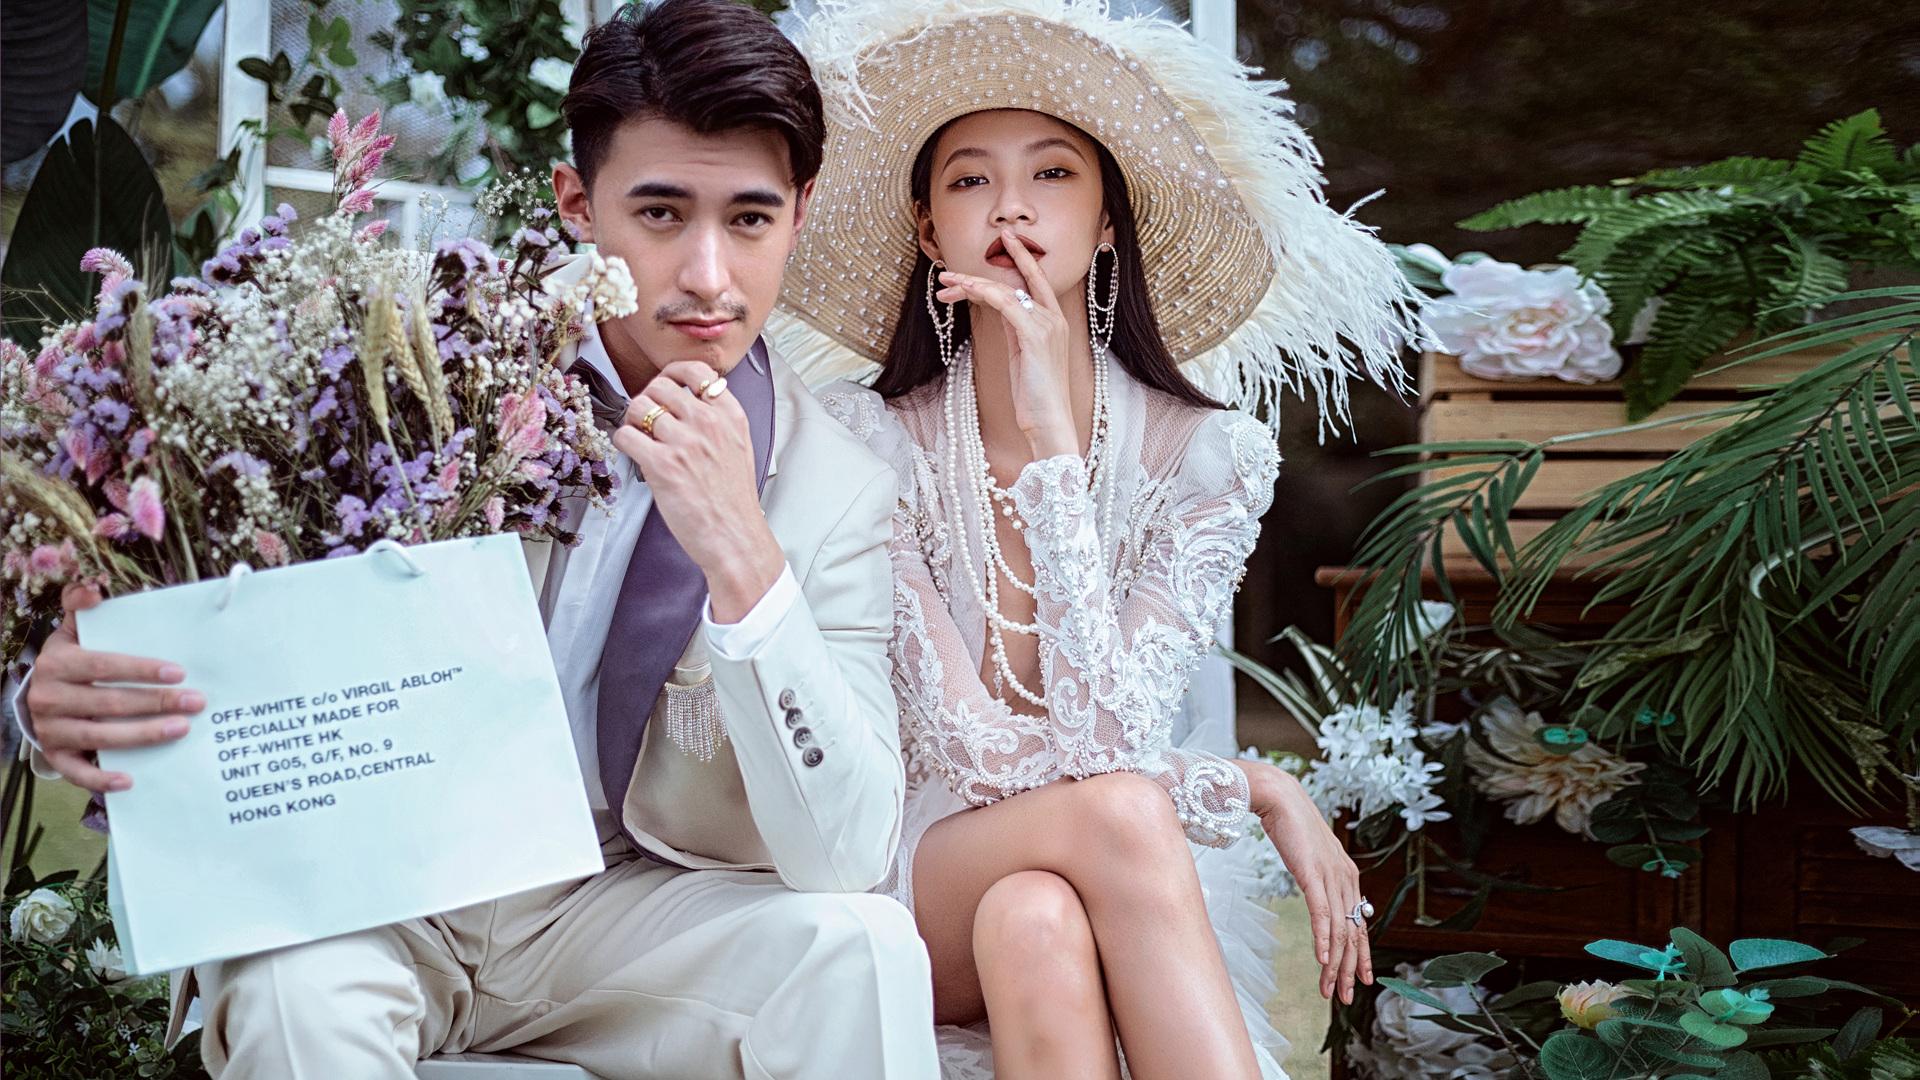 厦门婚纱摄影植物园怎么样 厦门植物园拍婚纱照效果好不好